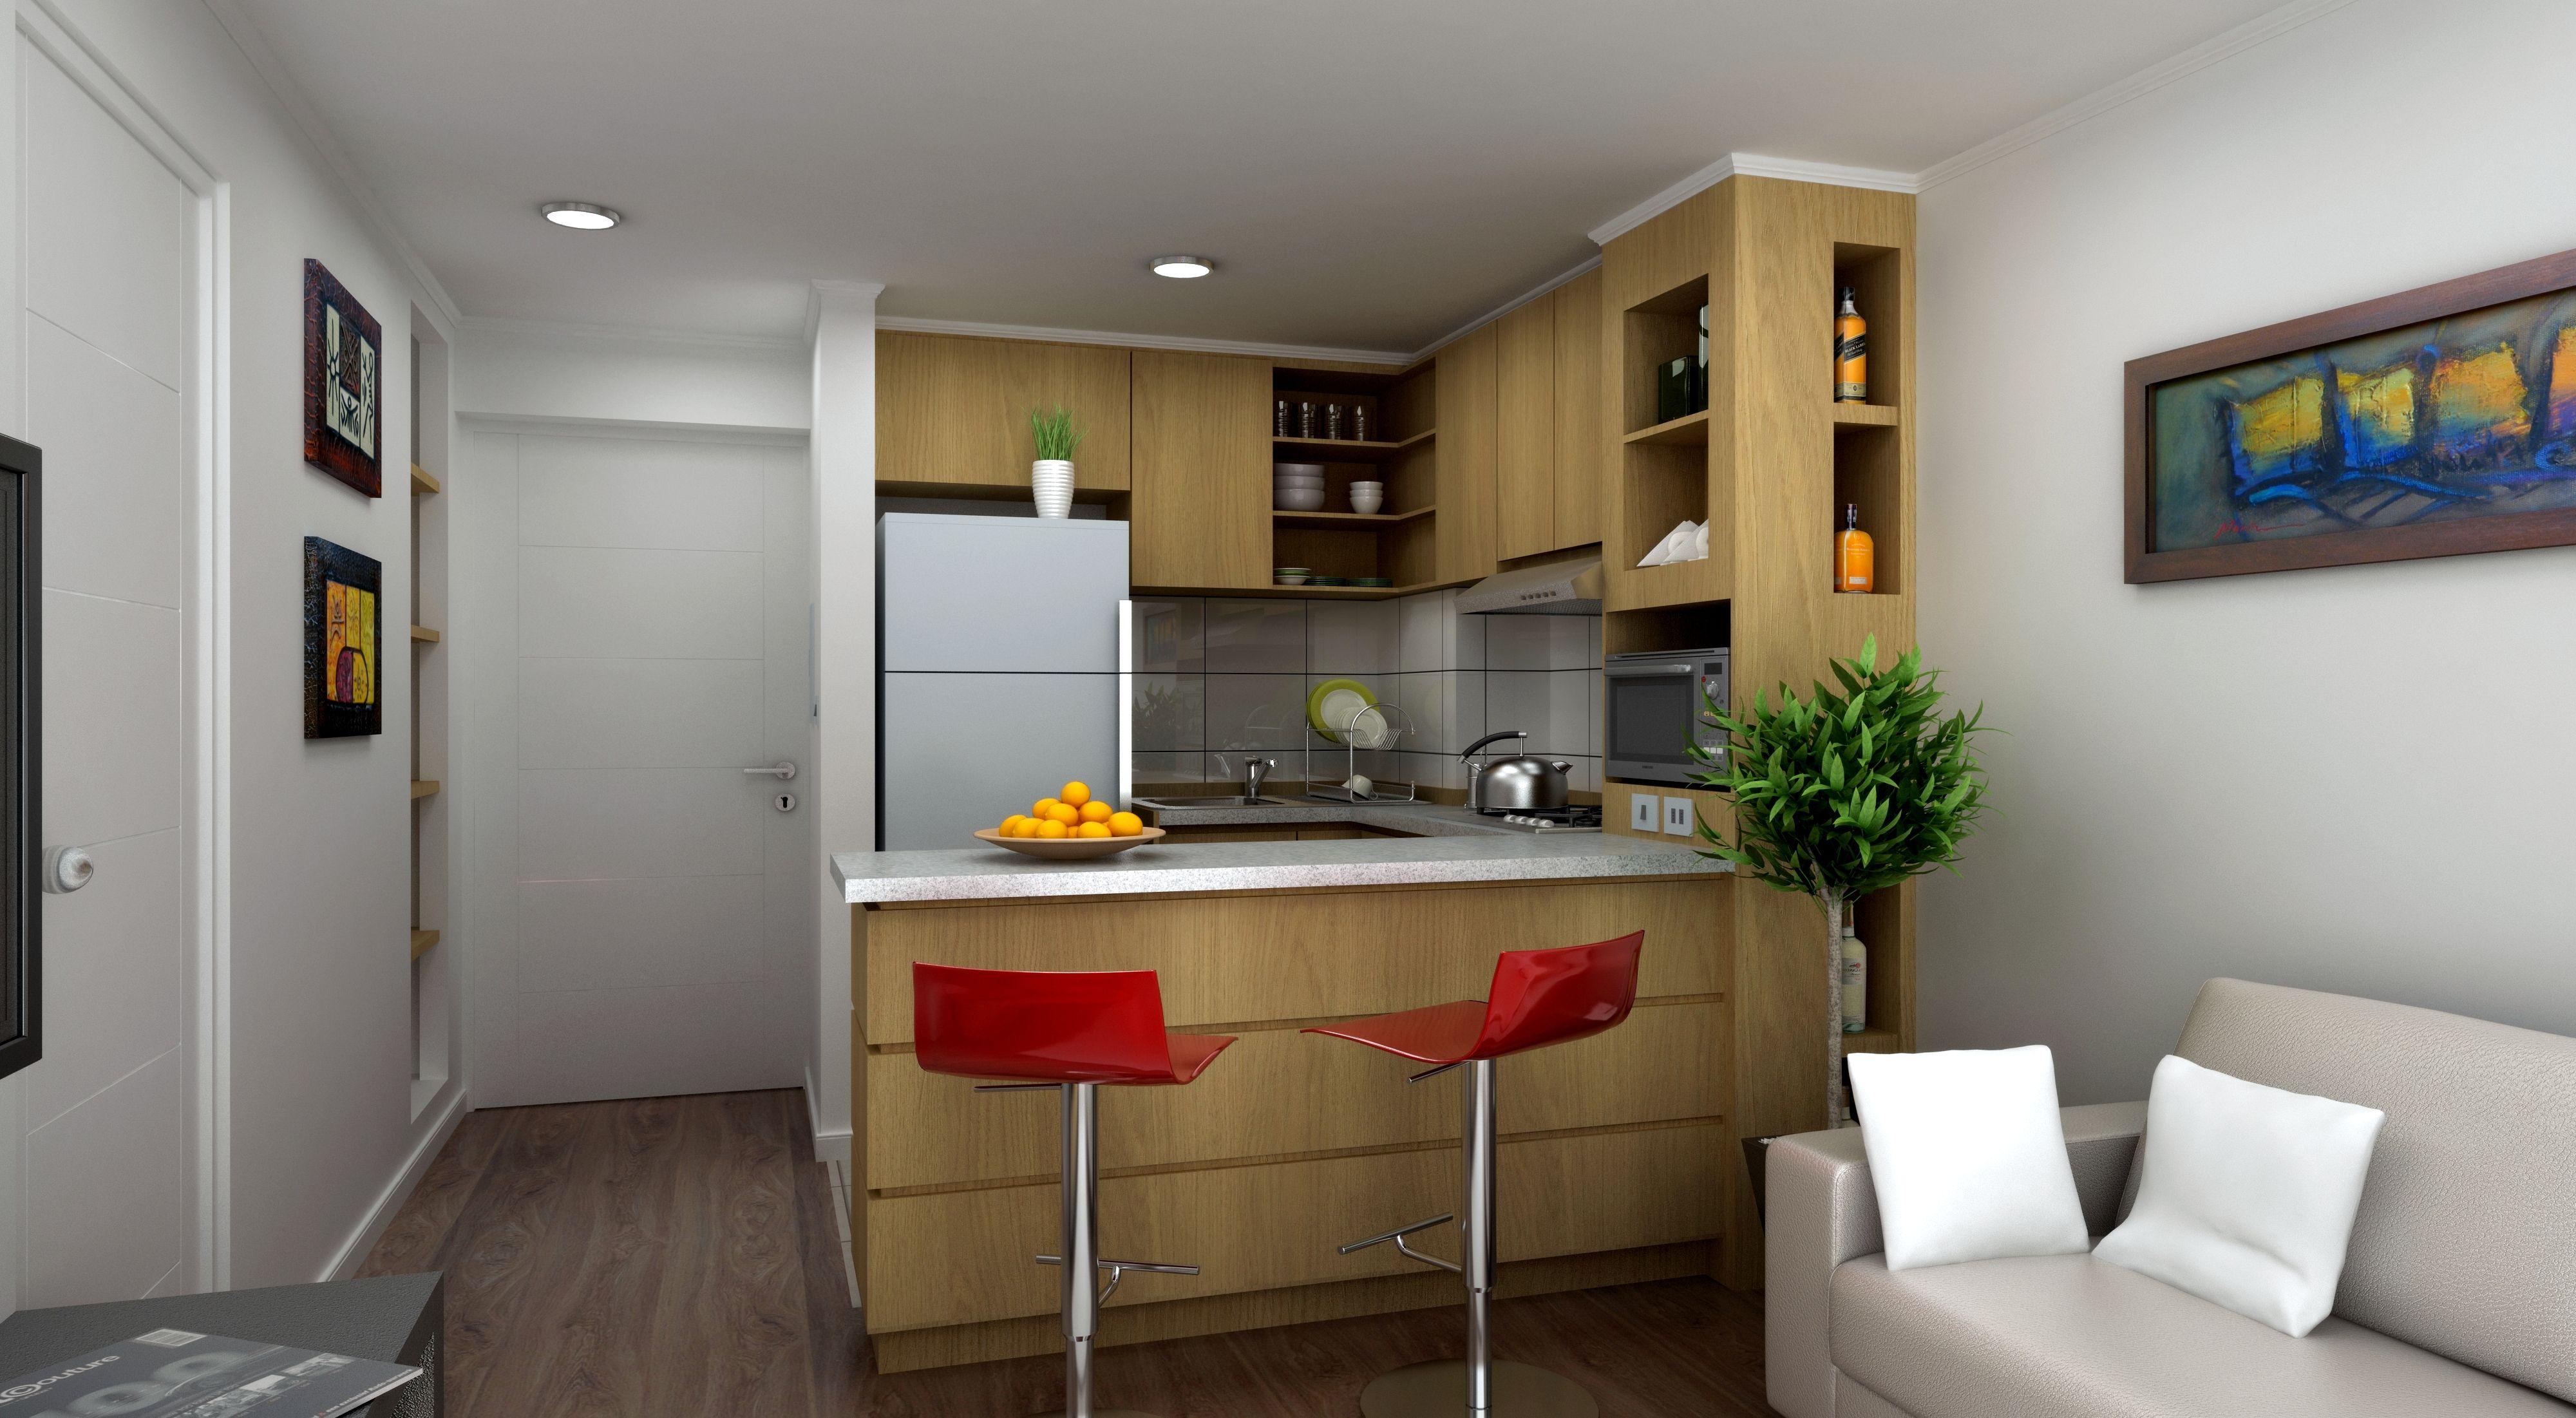 Cocinas americanas cocina abierta al salon pinterest for Ver cocinas americanas